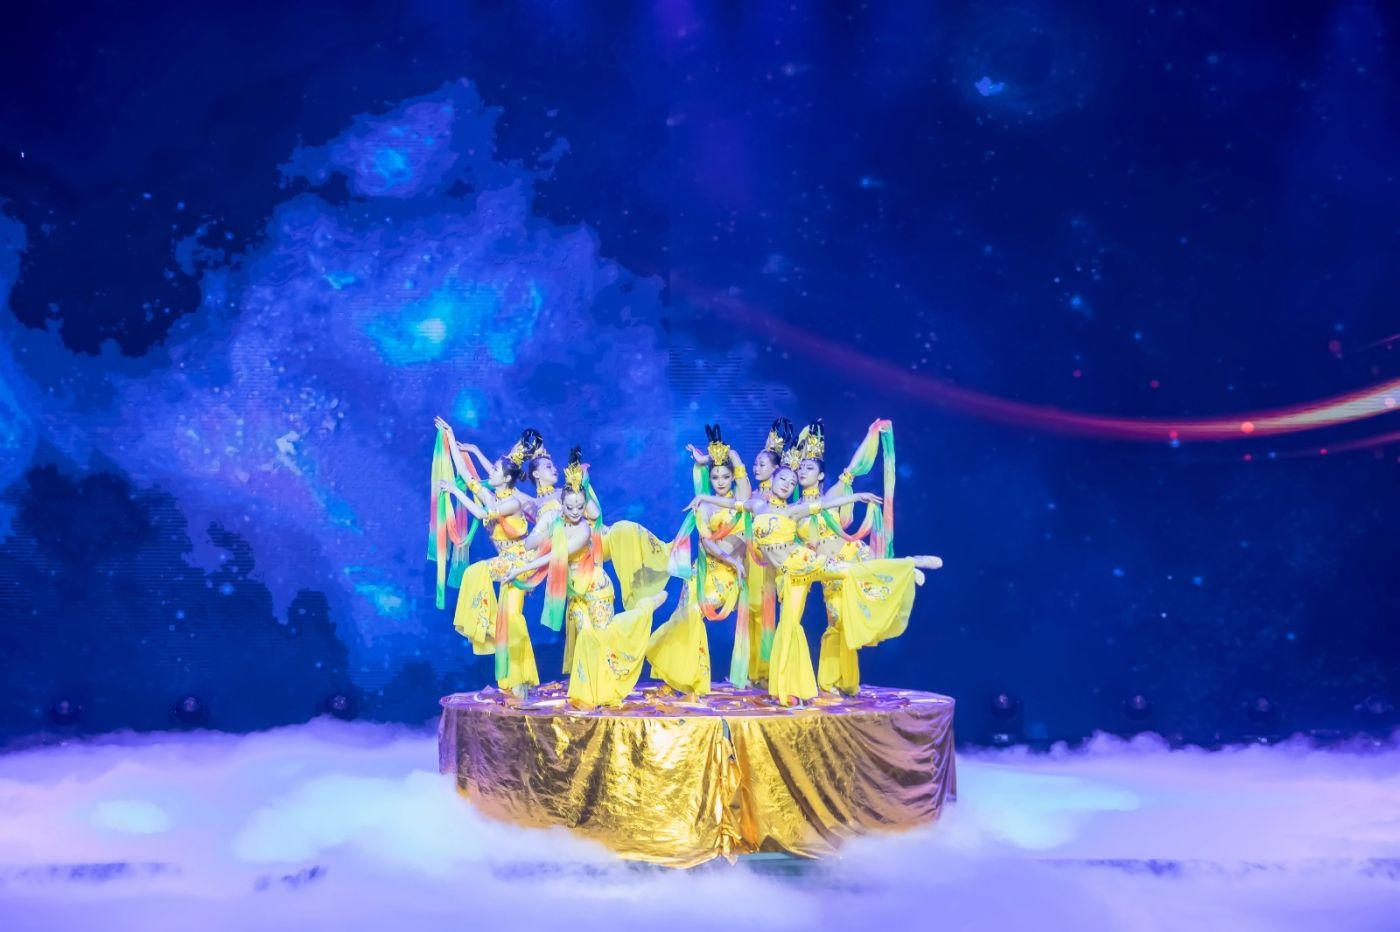 沂蒙大地上 有一种舞蹈叫飞天 这是几位临沂女孩的杰作 美轮美奂 ..._图1-9